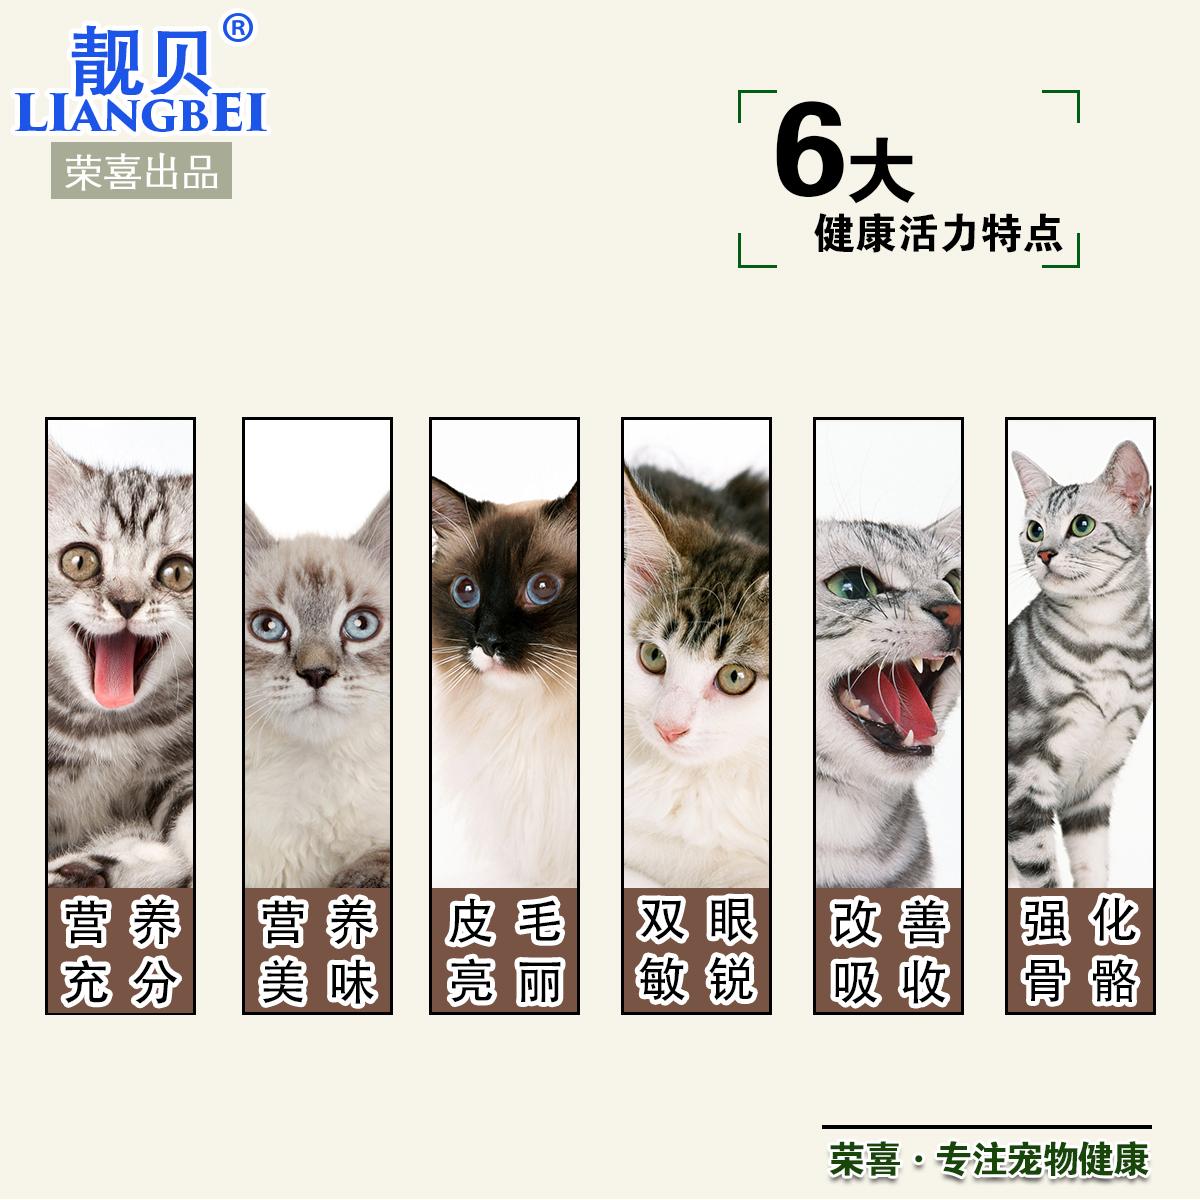 5斤全国包邮 靓贝猫粮500g散装全期猫粮海洋鱼味幼猫成猫猫主粮